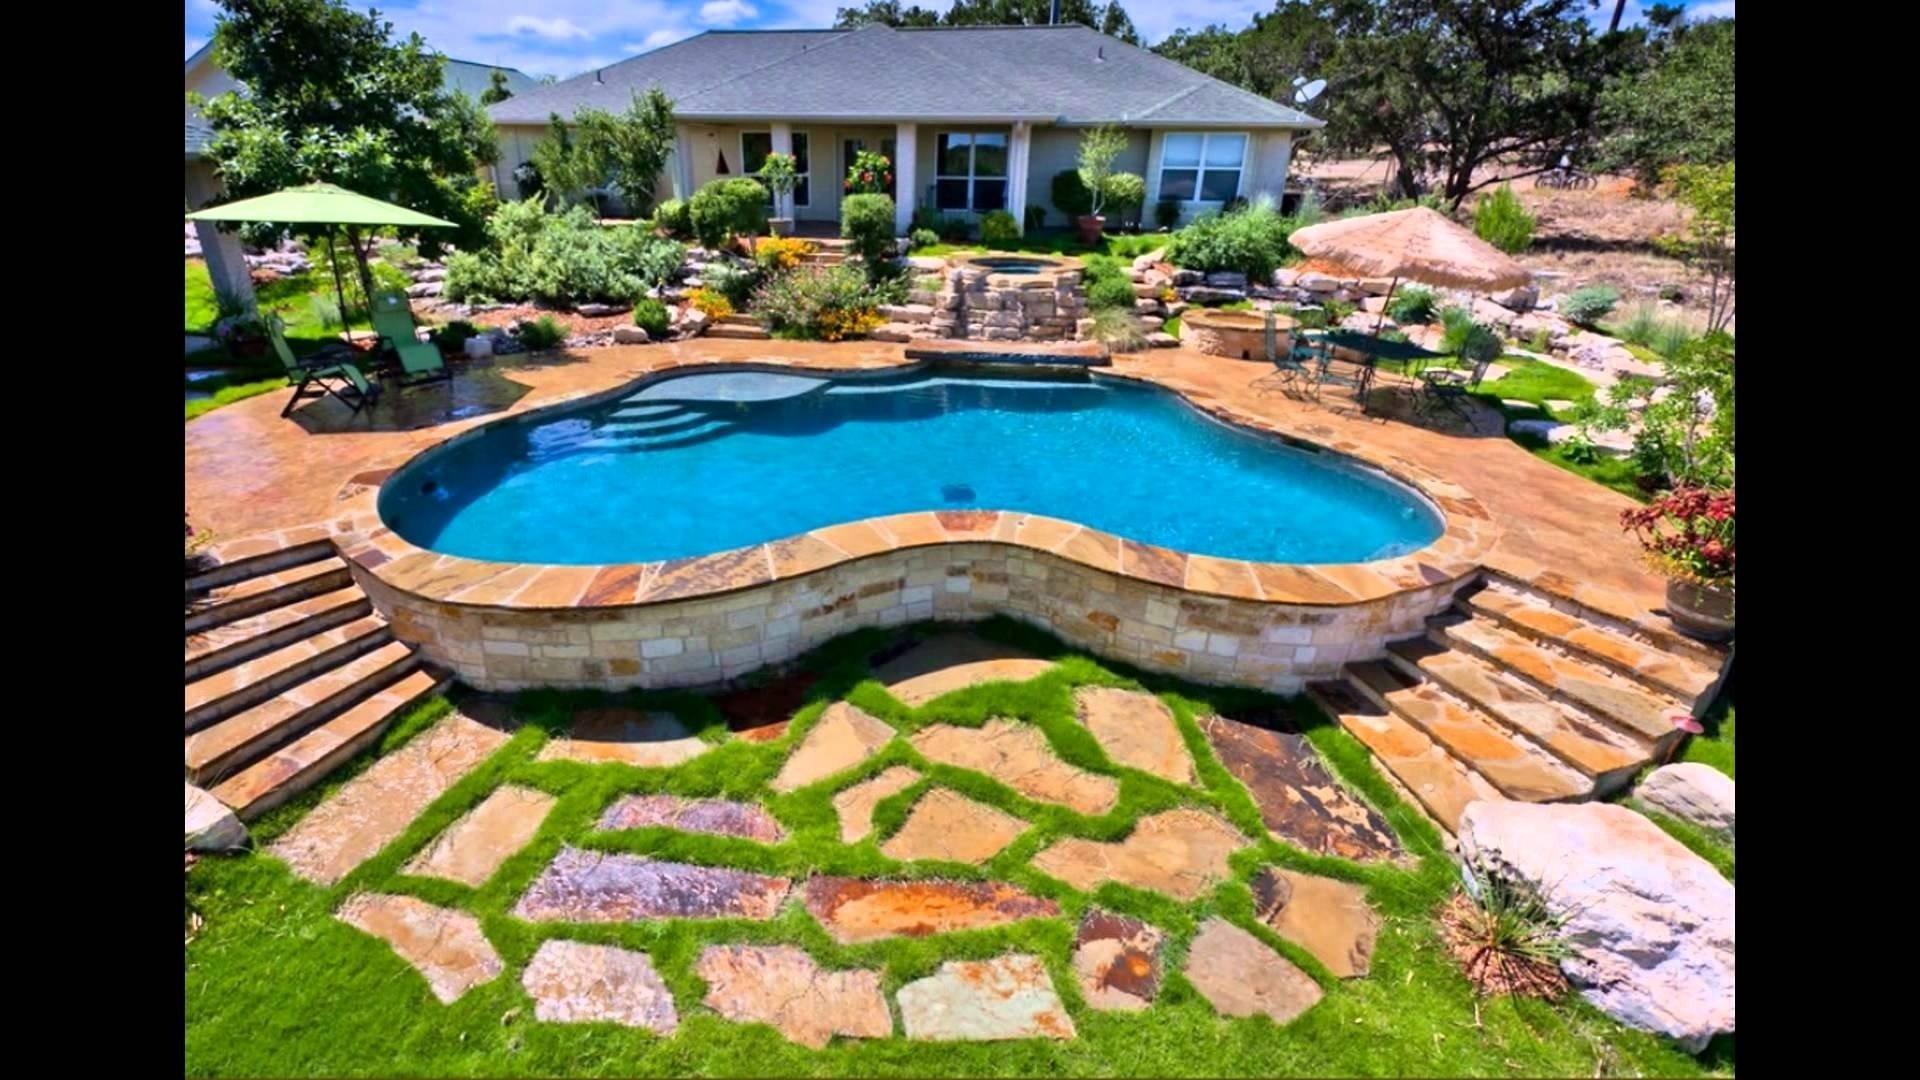 10 Stylish Above Ground Pool Landscape Ideas above ground pool landscaping ideas free youtube 2020